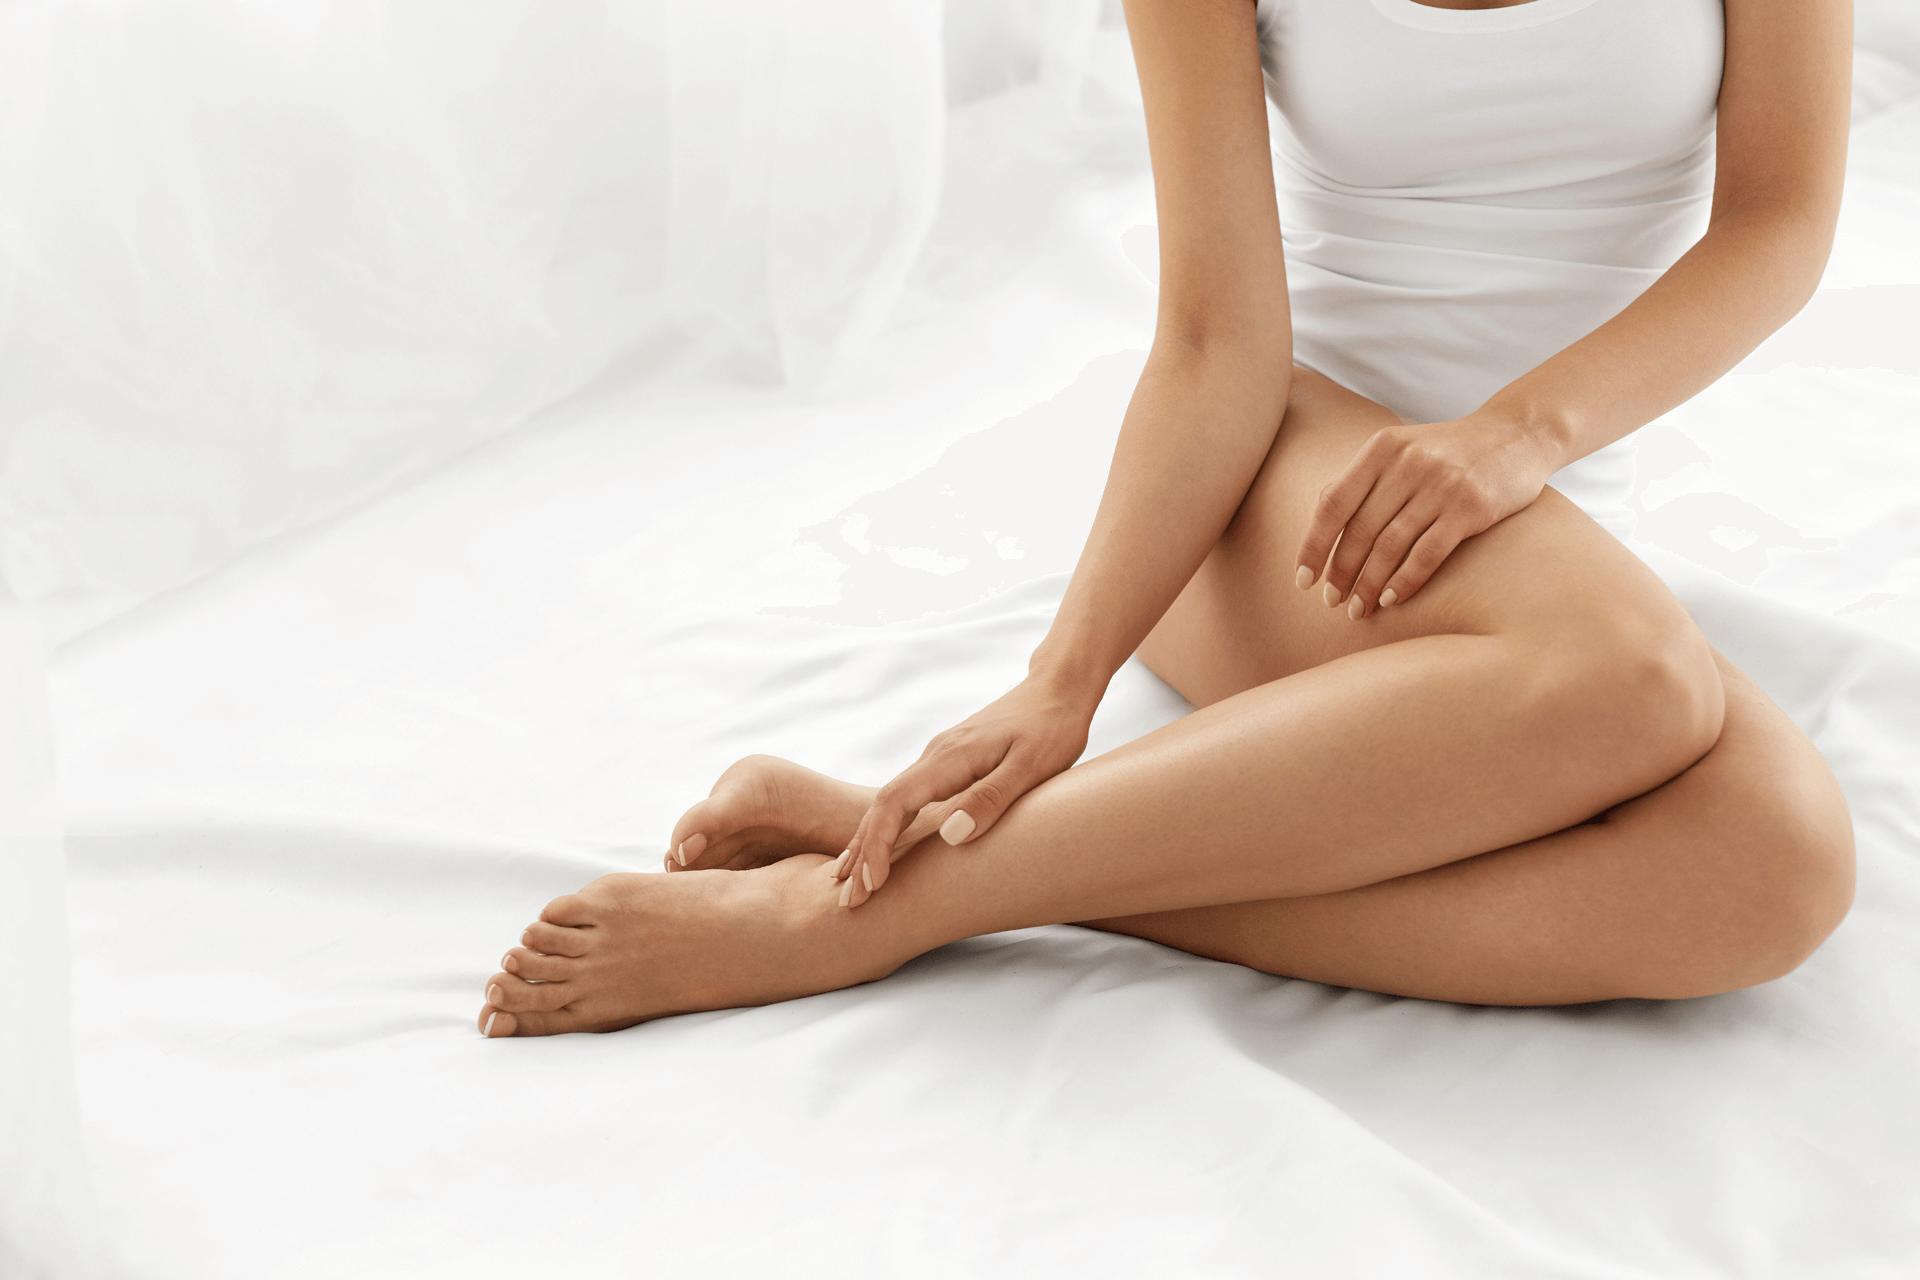 visszér a lábakon és terhesség